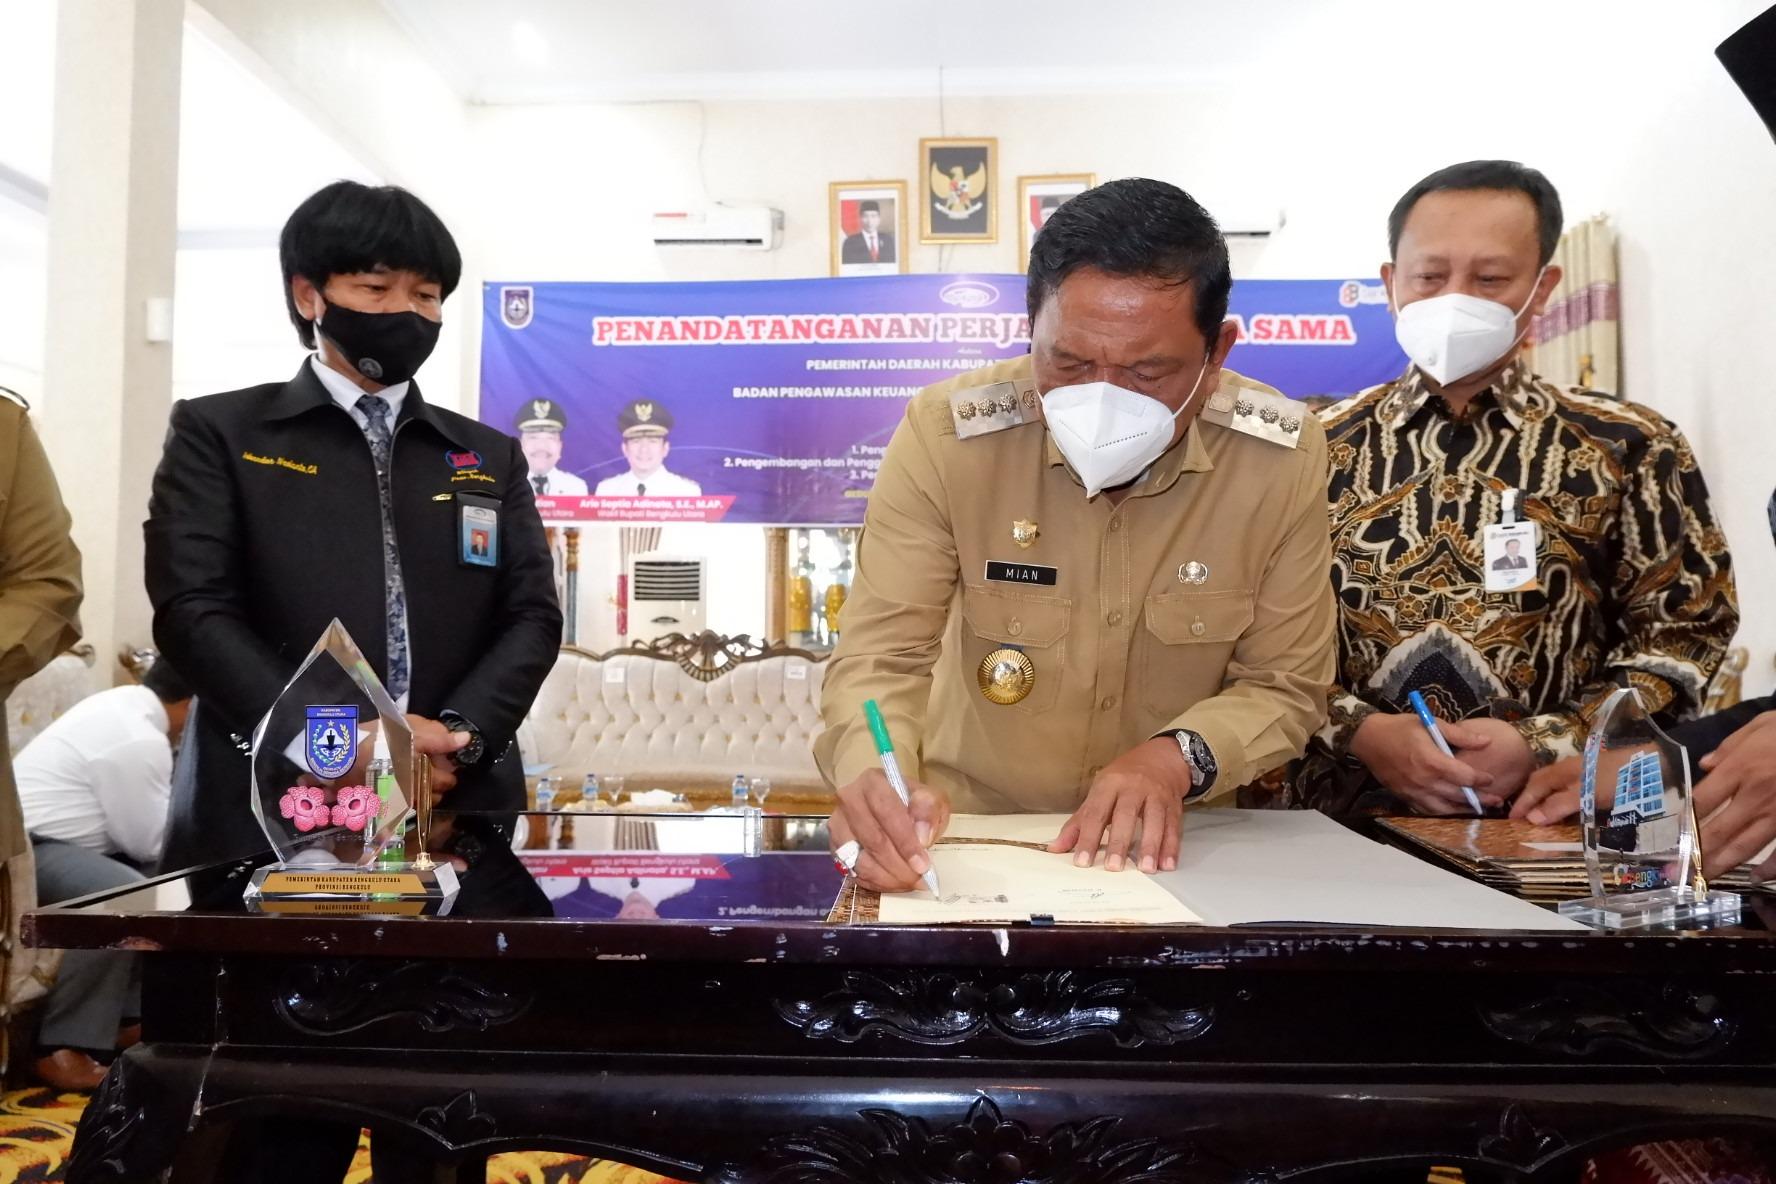 Pemkab BU Gandeng BPKP Prov Bengkulu dan Bank Bengkulu Mudahkan Pengelolaan Keuangan Daerah